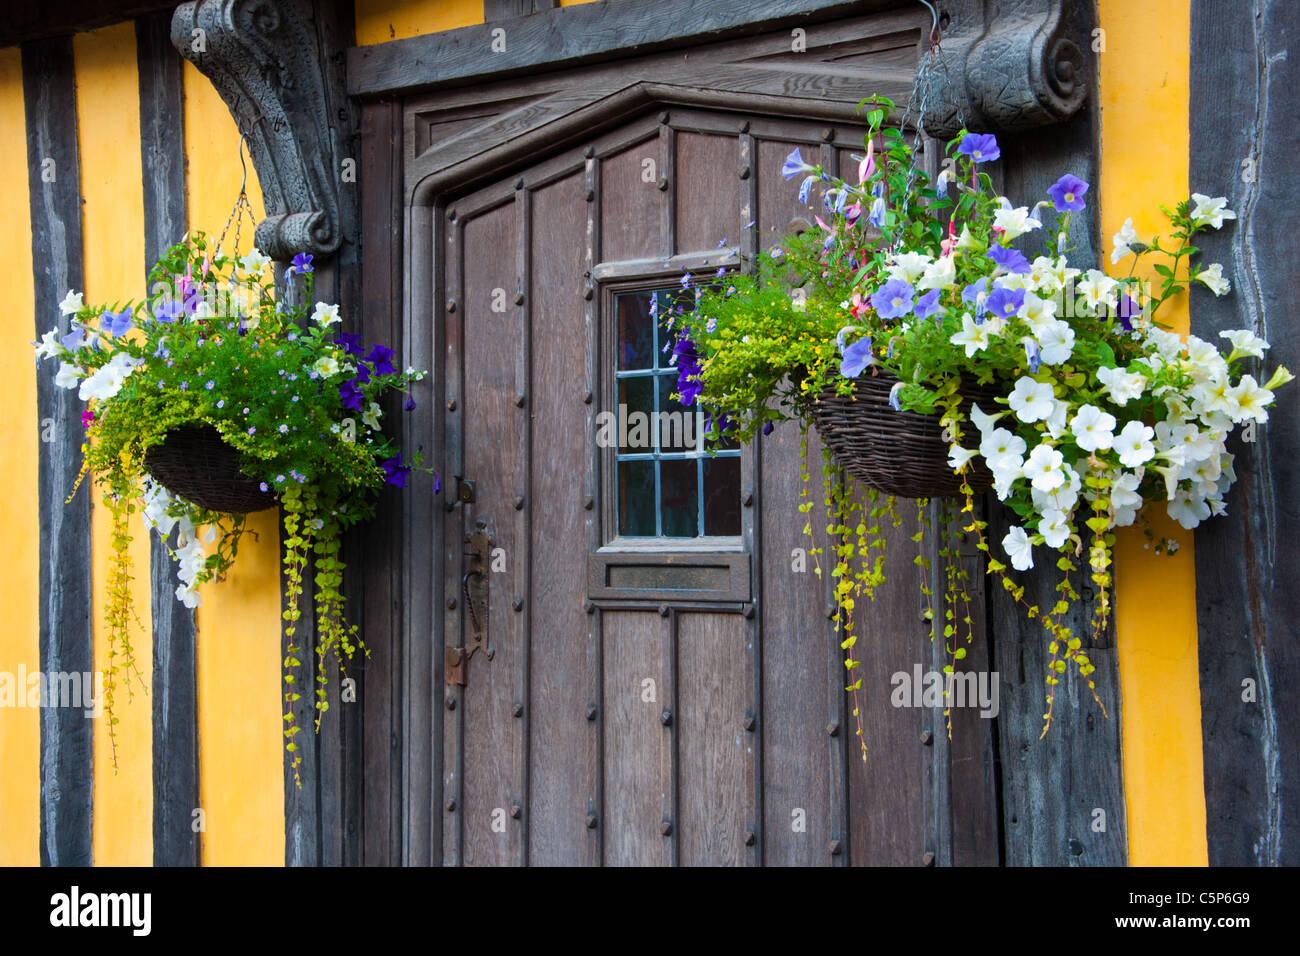 Hanging baskets  house Ludlow Door Doorway - Stock Image